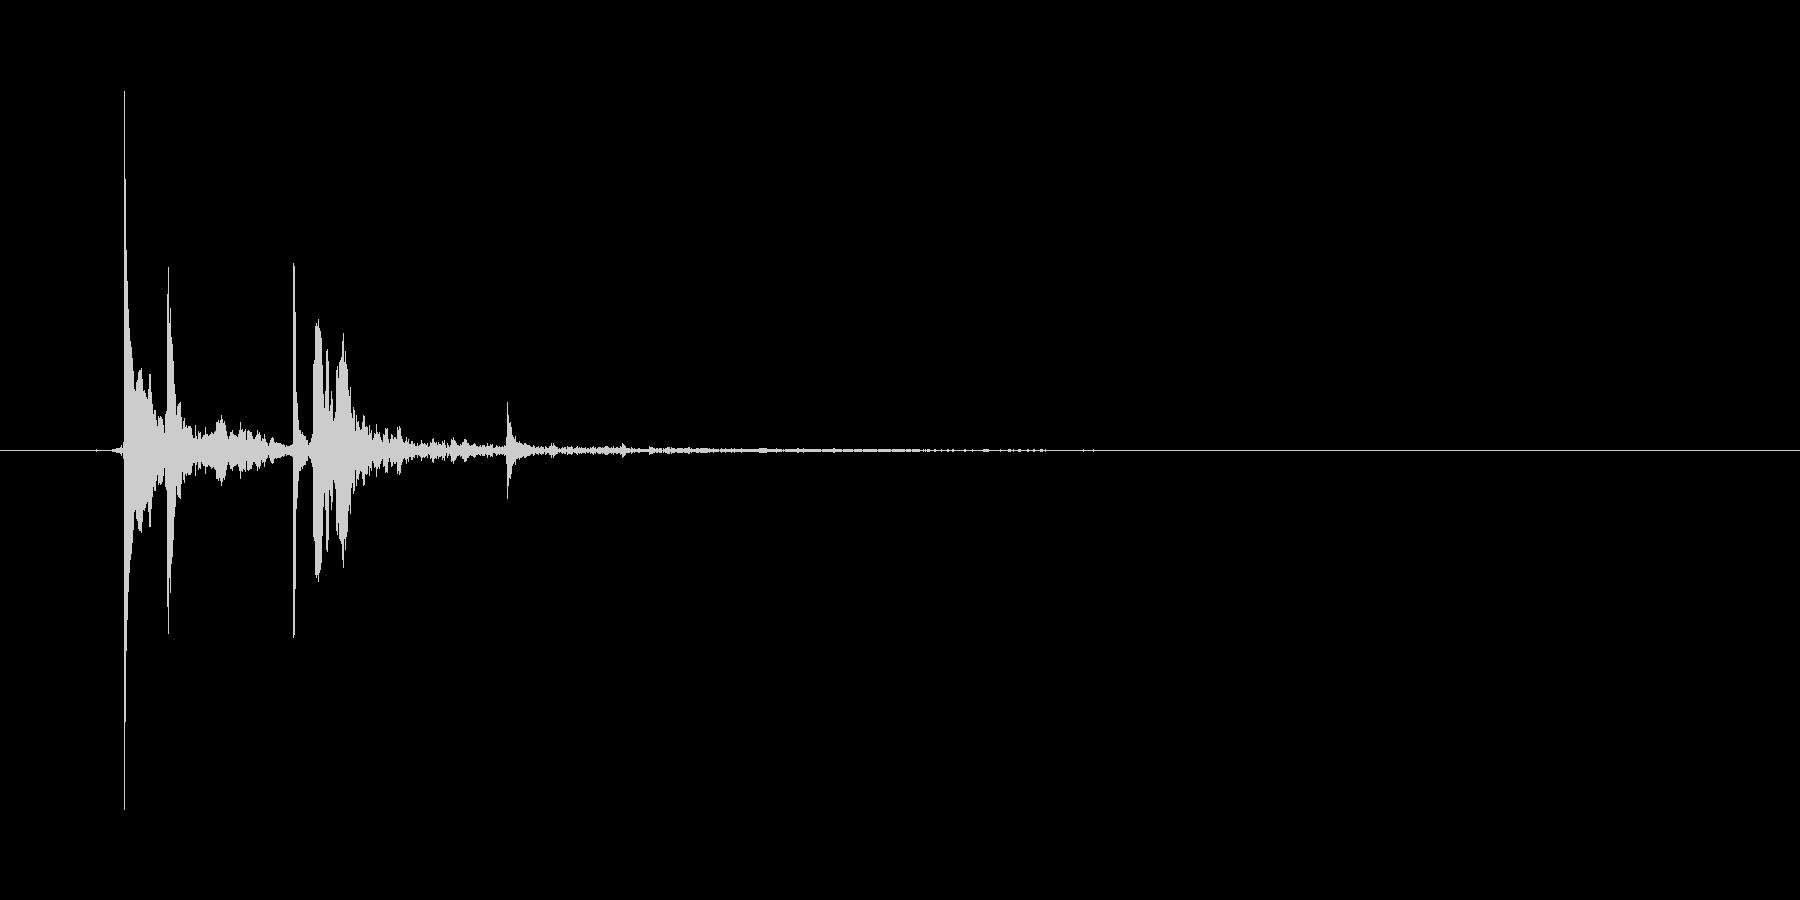 ピチャッ(水滴、水道、しずく、落ちる)の未再生の波形